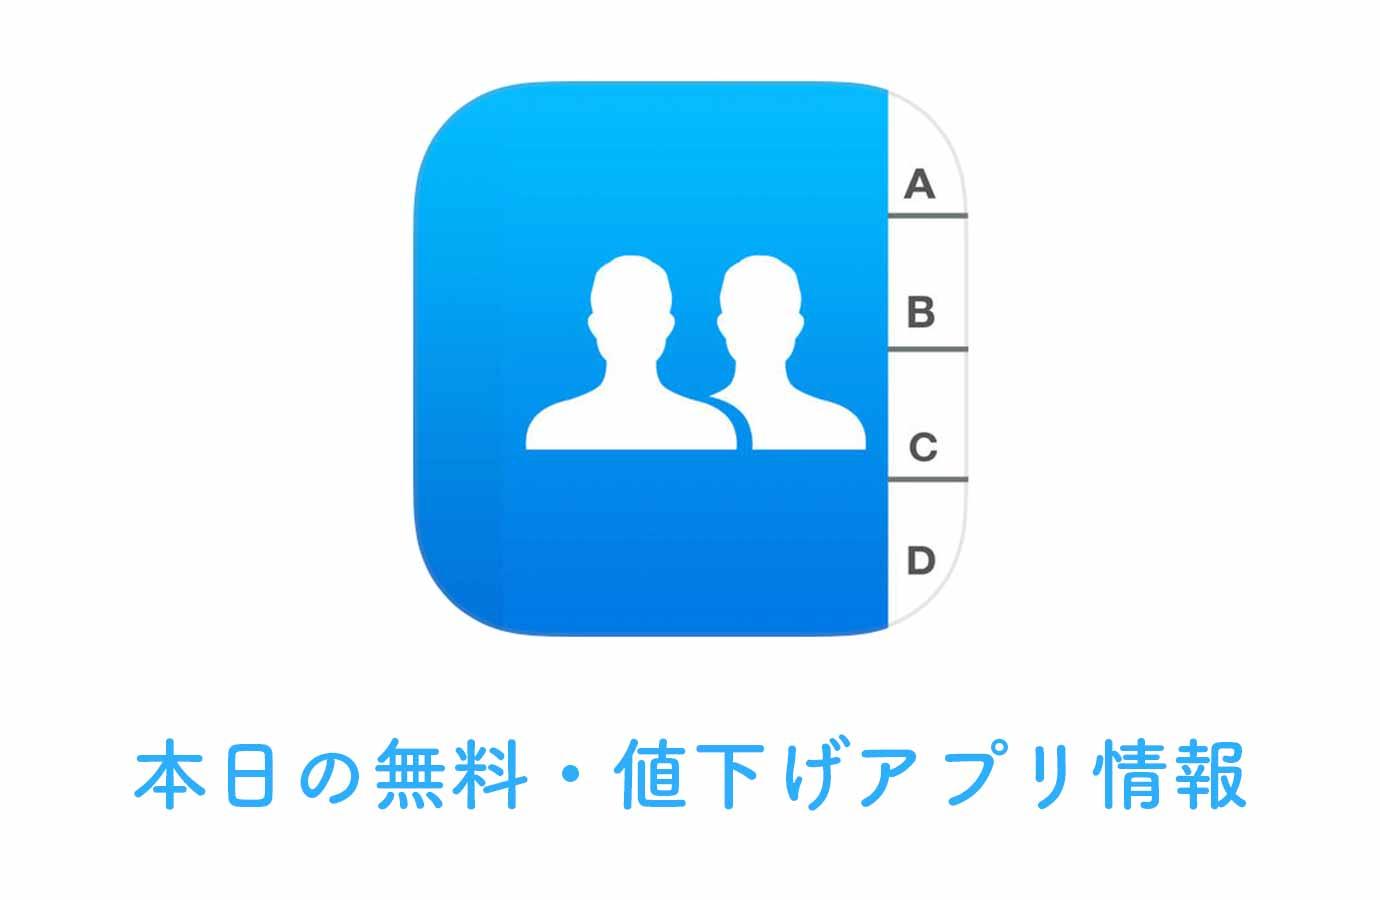 【400円→無料】重複した連絡先を整理できる「Smart Merge Pro」など【2/28】本日の無料・値下げアプリ情報